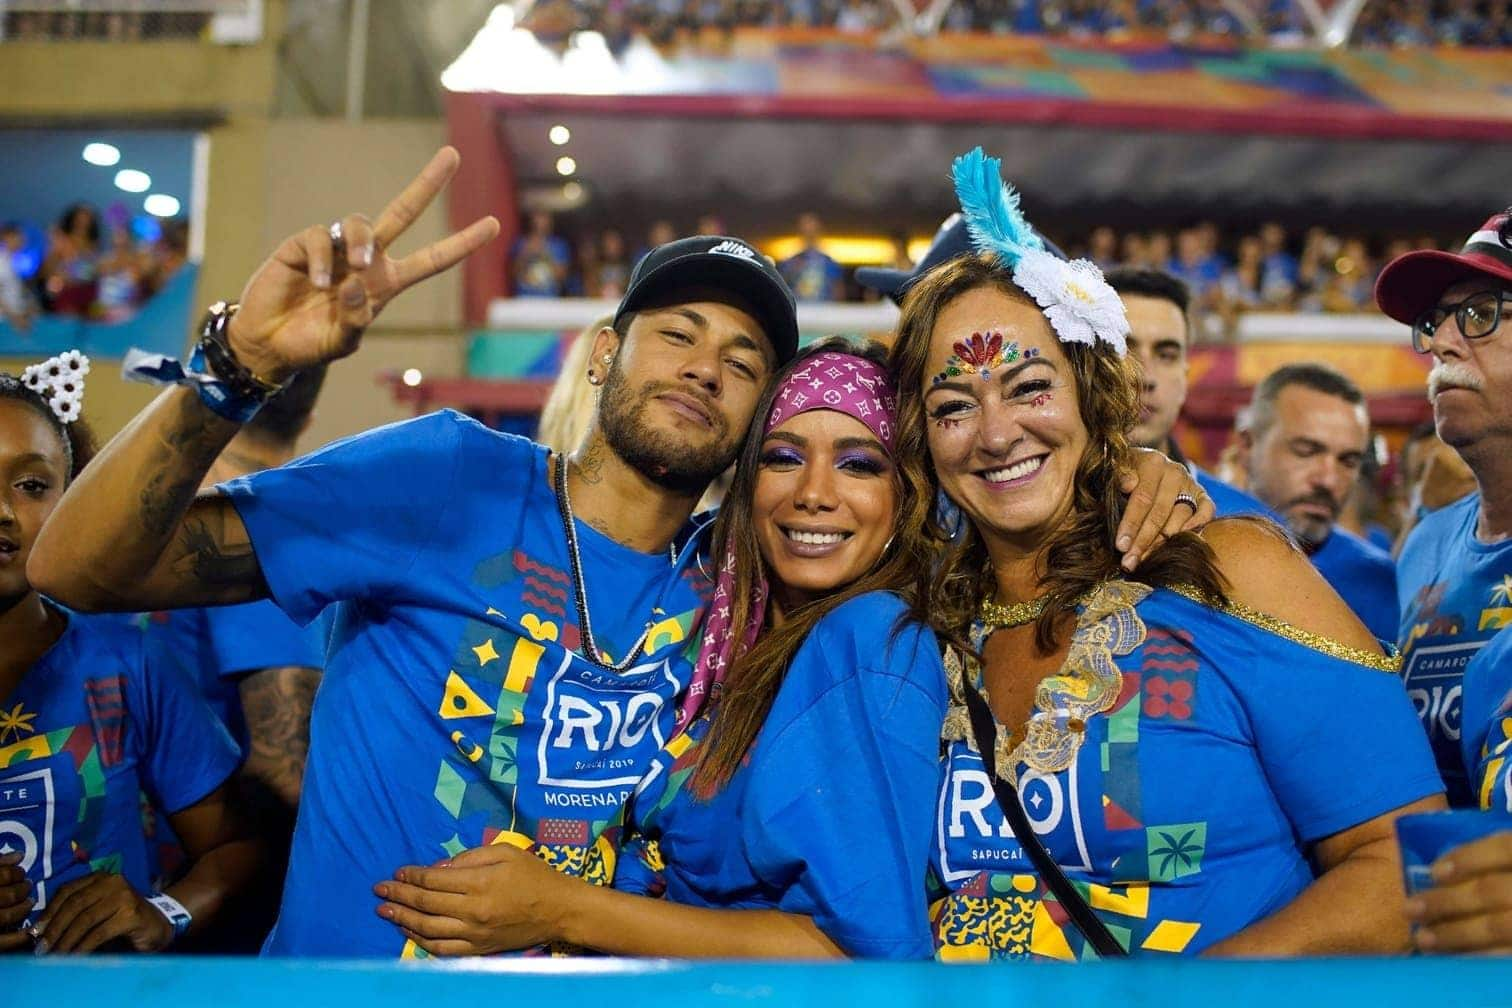 <p>Brasiliens Fußball-Superstar Neymar ist derzeit verletzt und hat deshalb am legendären Karneval von Rio de Janeiro teilgenommen.&nbsp;</p> Foto: Mauro Pimentel/dpa